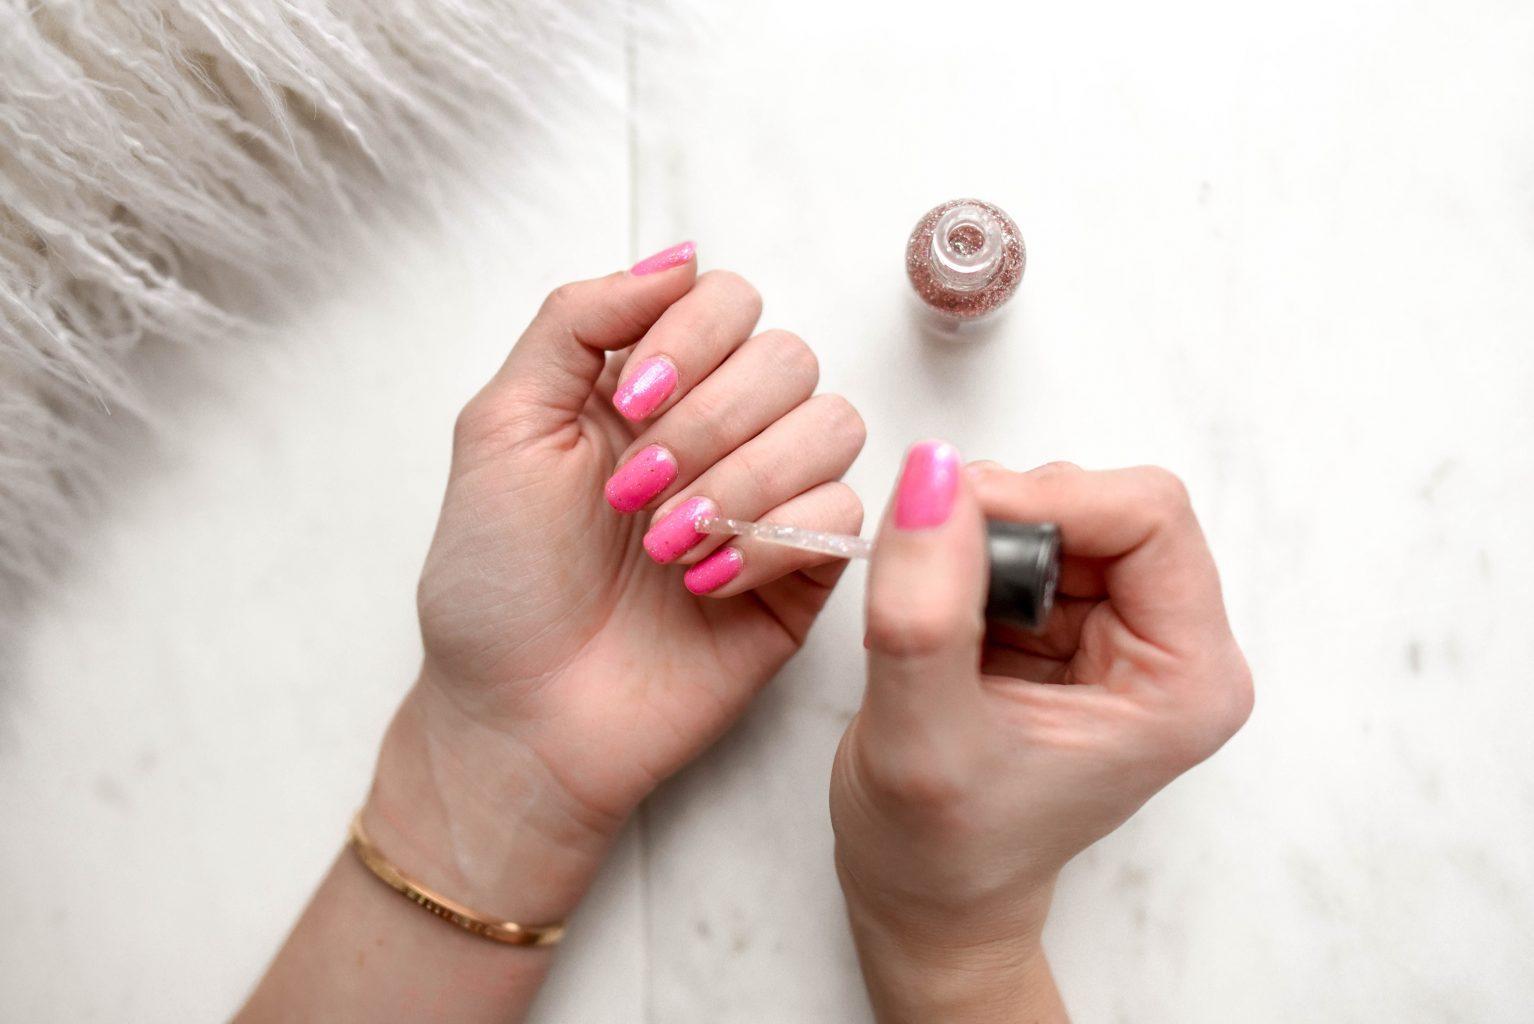 nail-polish-for-clothing-hacks